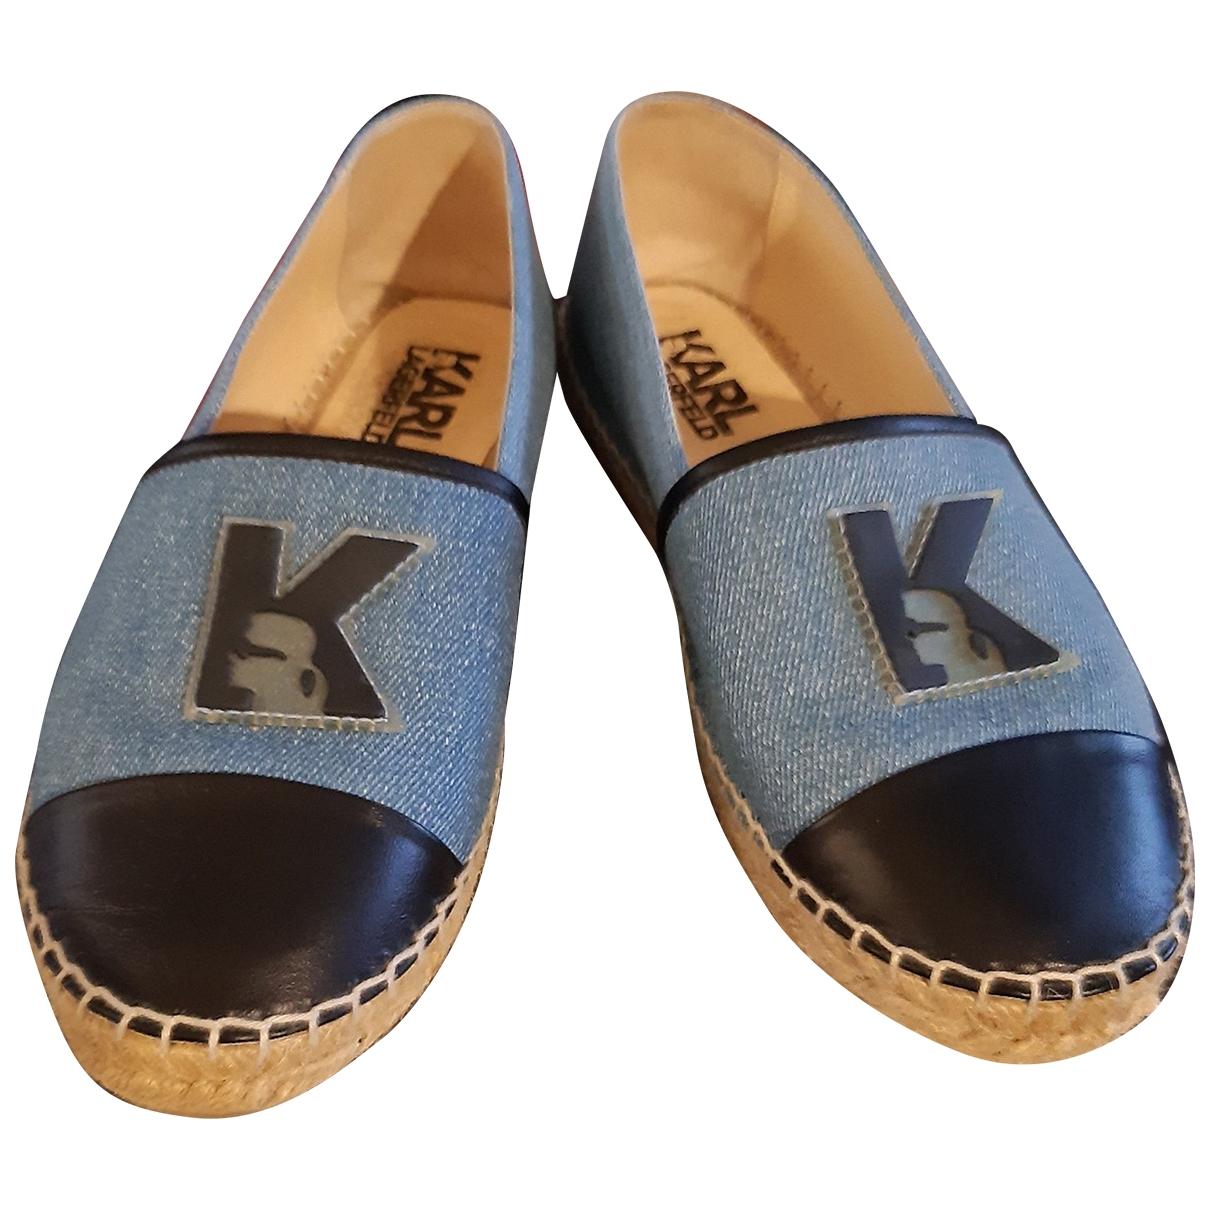 Karl \N Espadrilles in  Blau Denim - Jeans